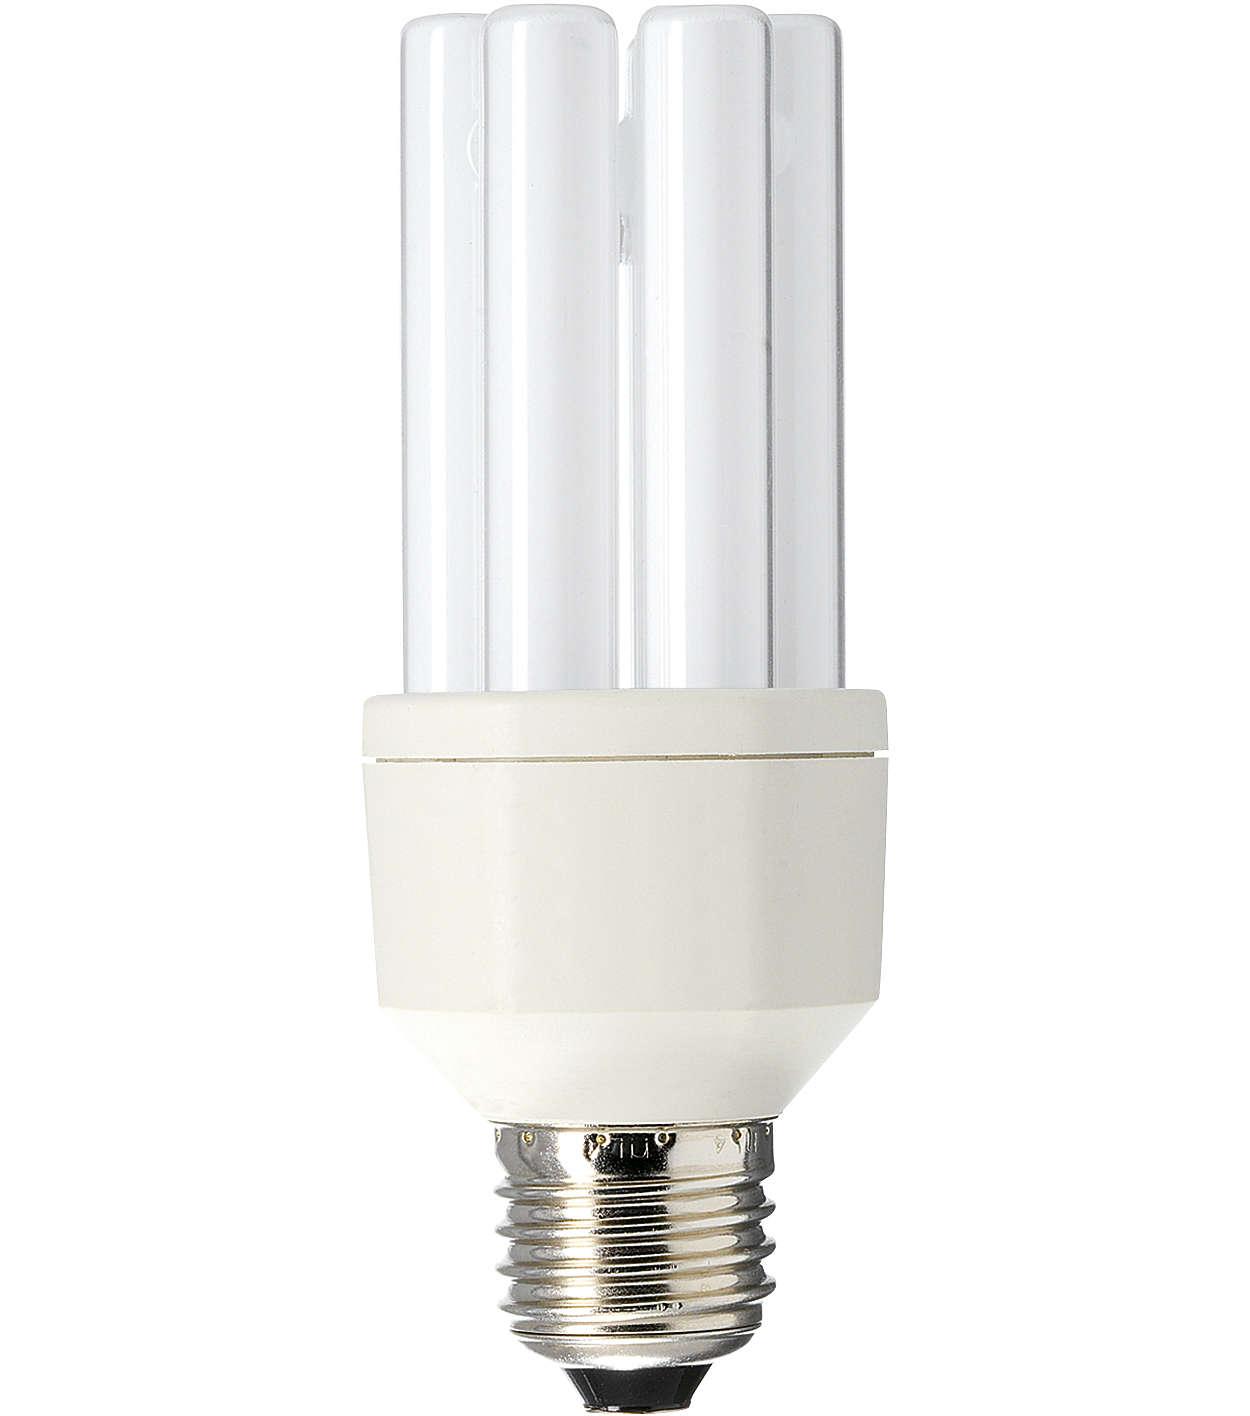 Energeticky účinná zářivka vhodná pro časté spínání